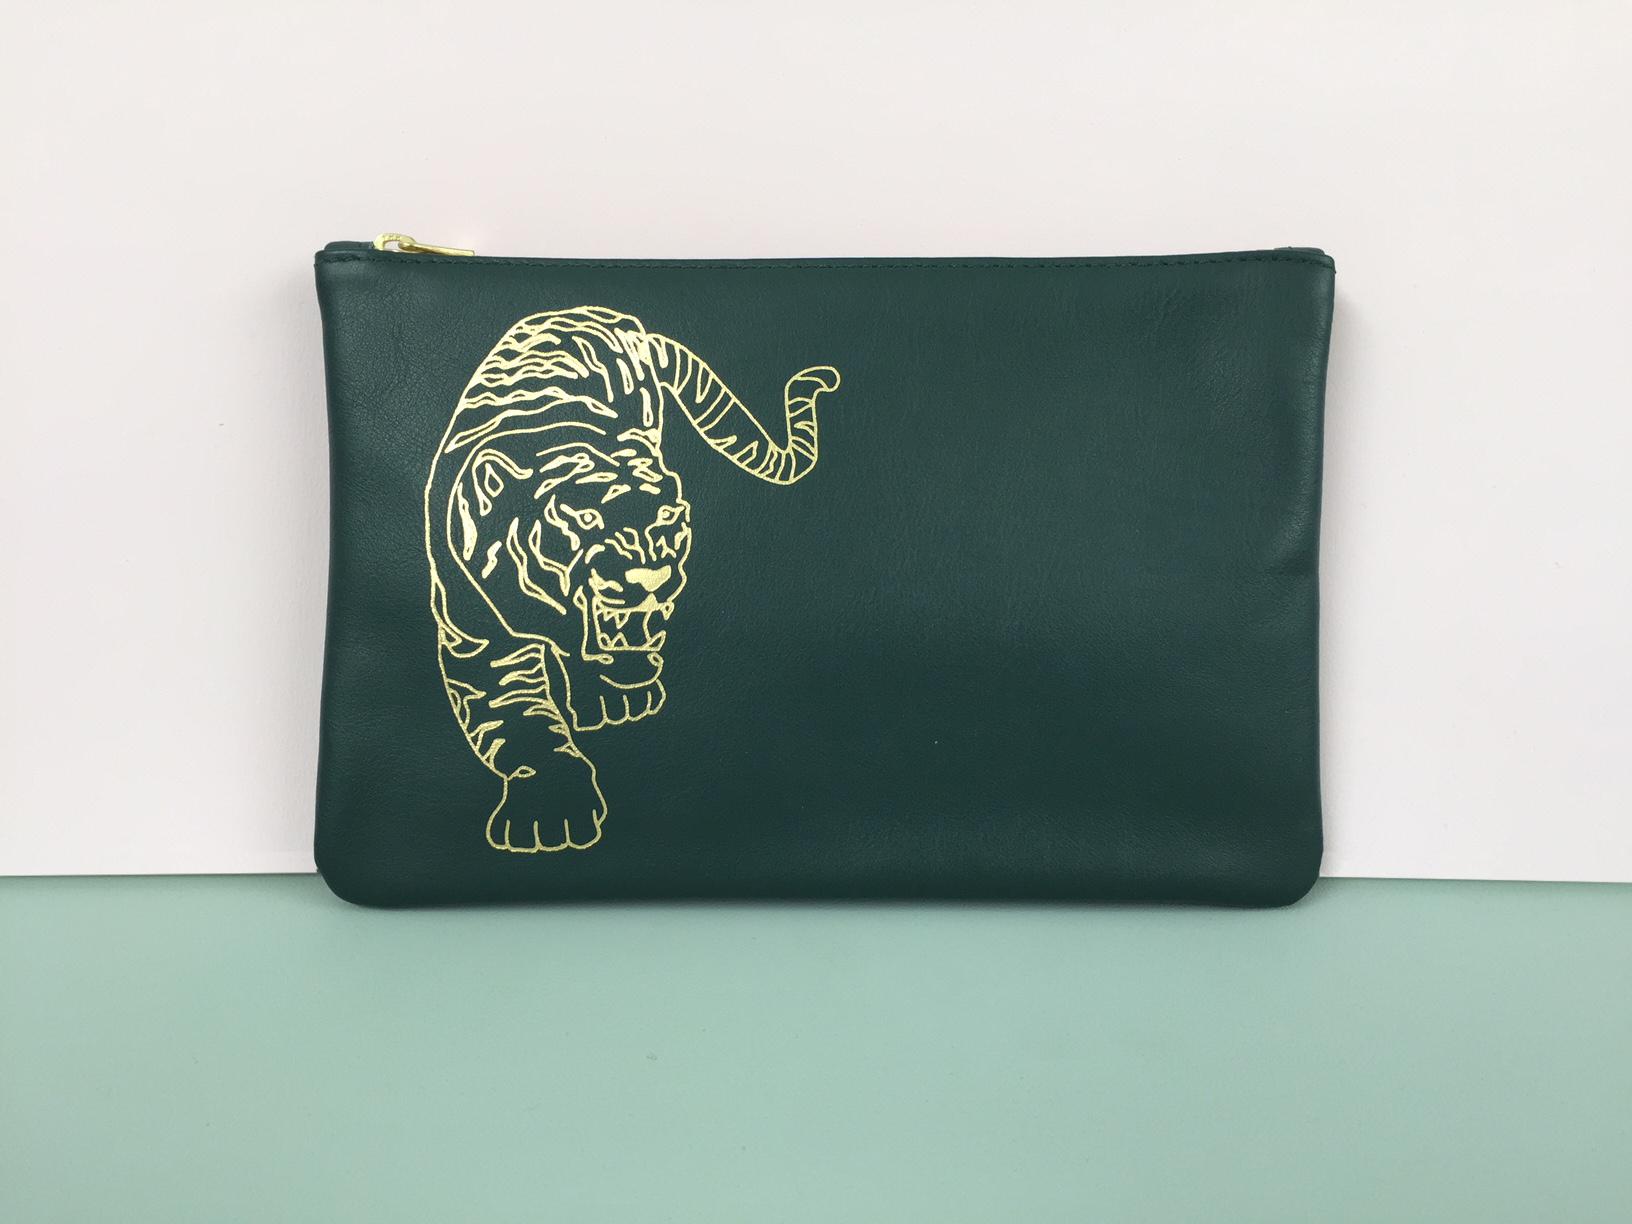 LT001-FT - etui tiger forest green